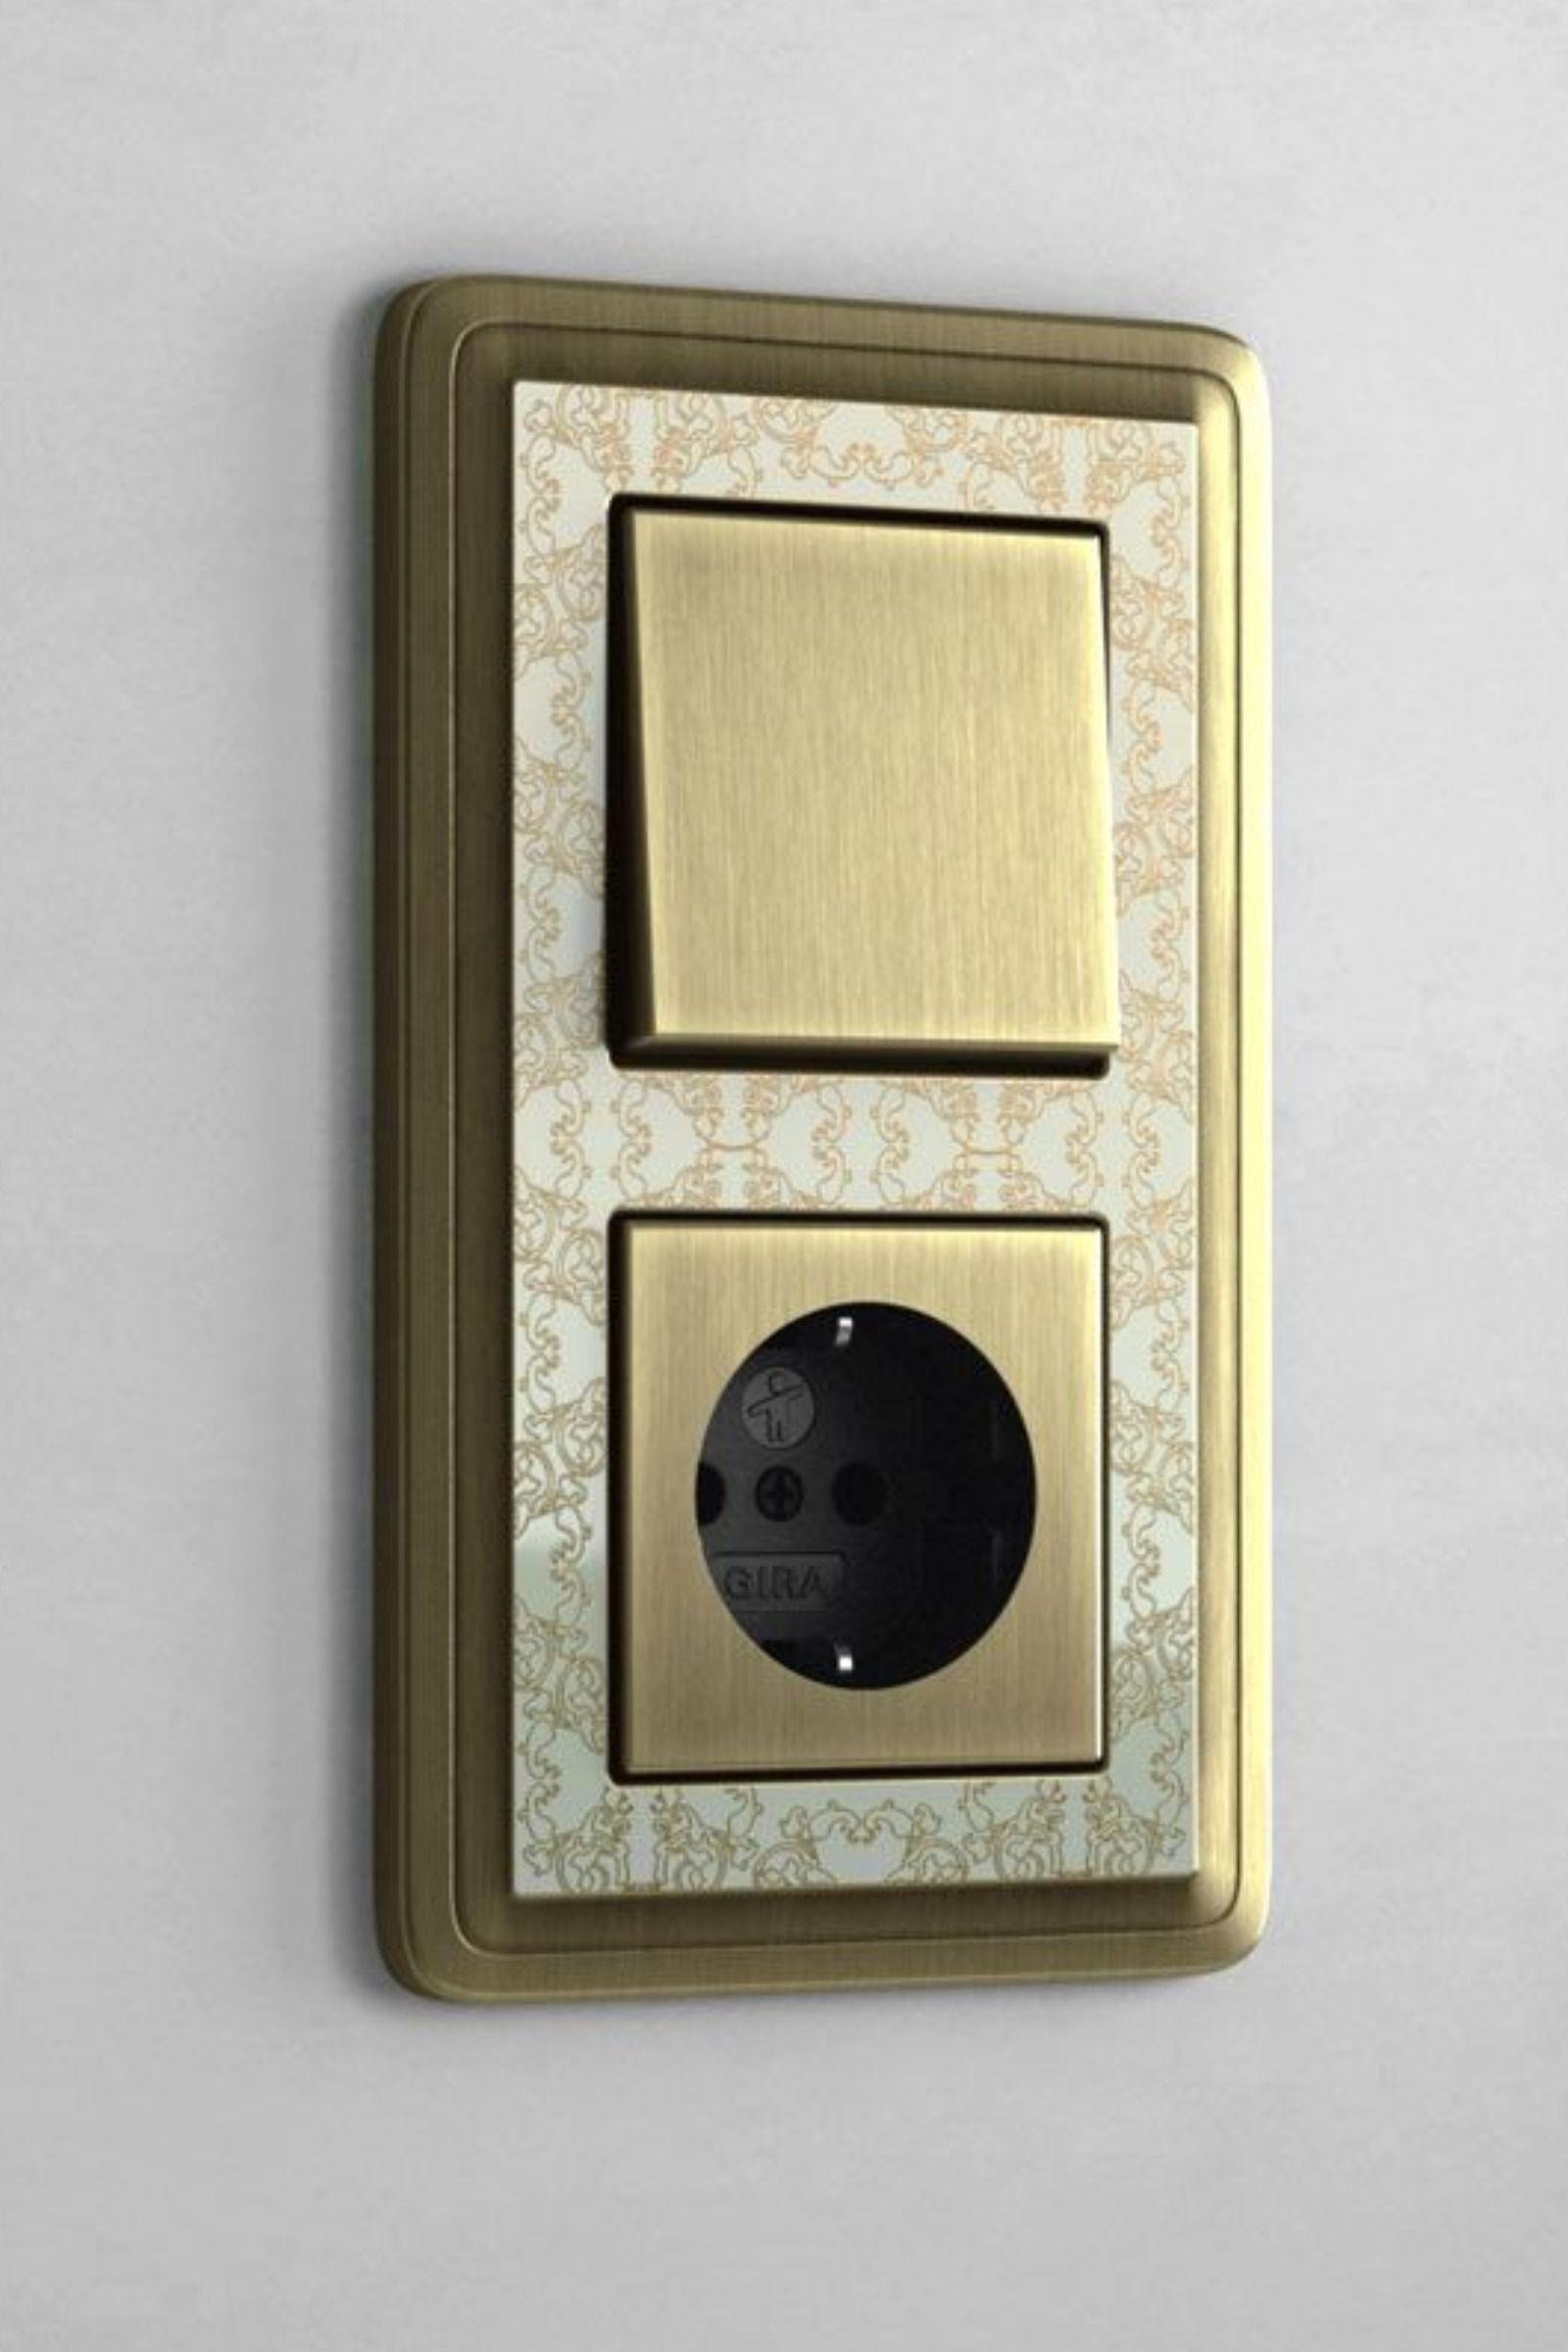 Lichtschalter Mit Auffalligem Design Steckdosen Und Lichtschalter Lichtschalter Schalter